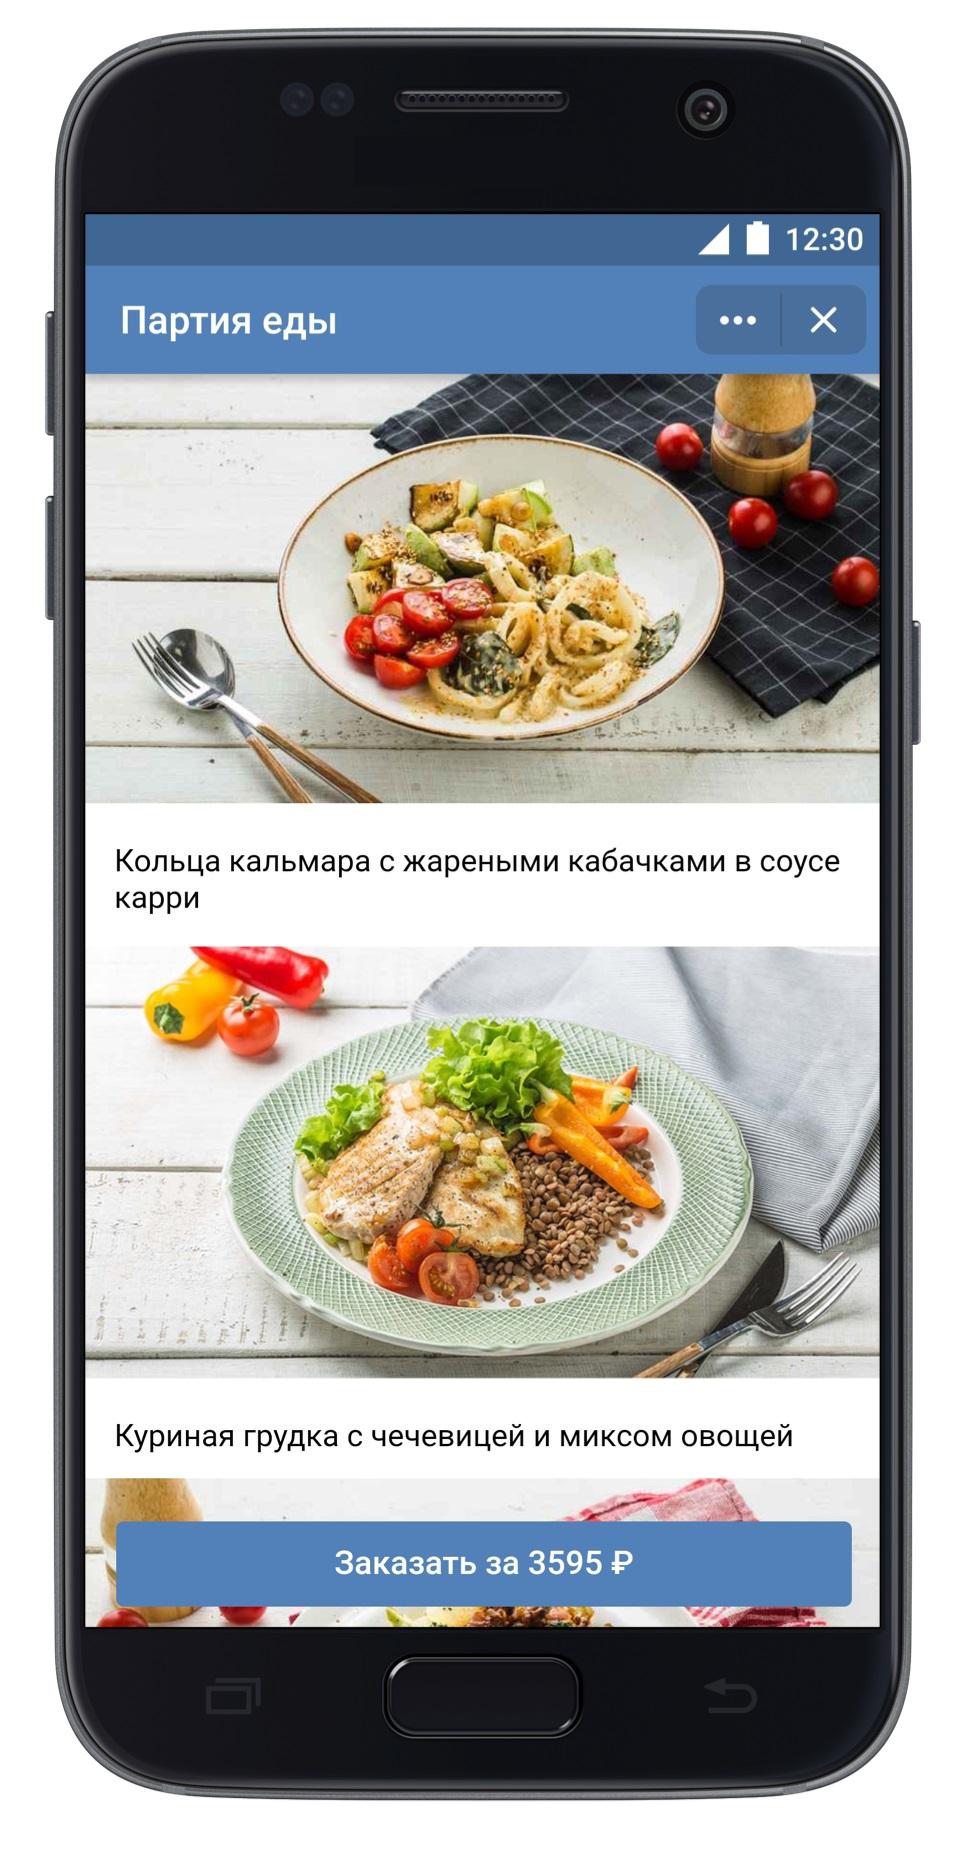 ВКонтакте сервисы для быстрого вызова такси